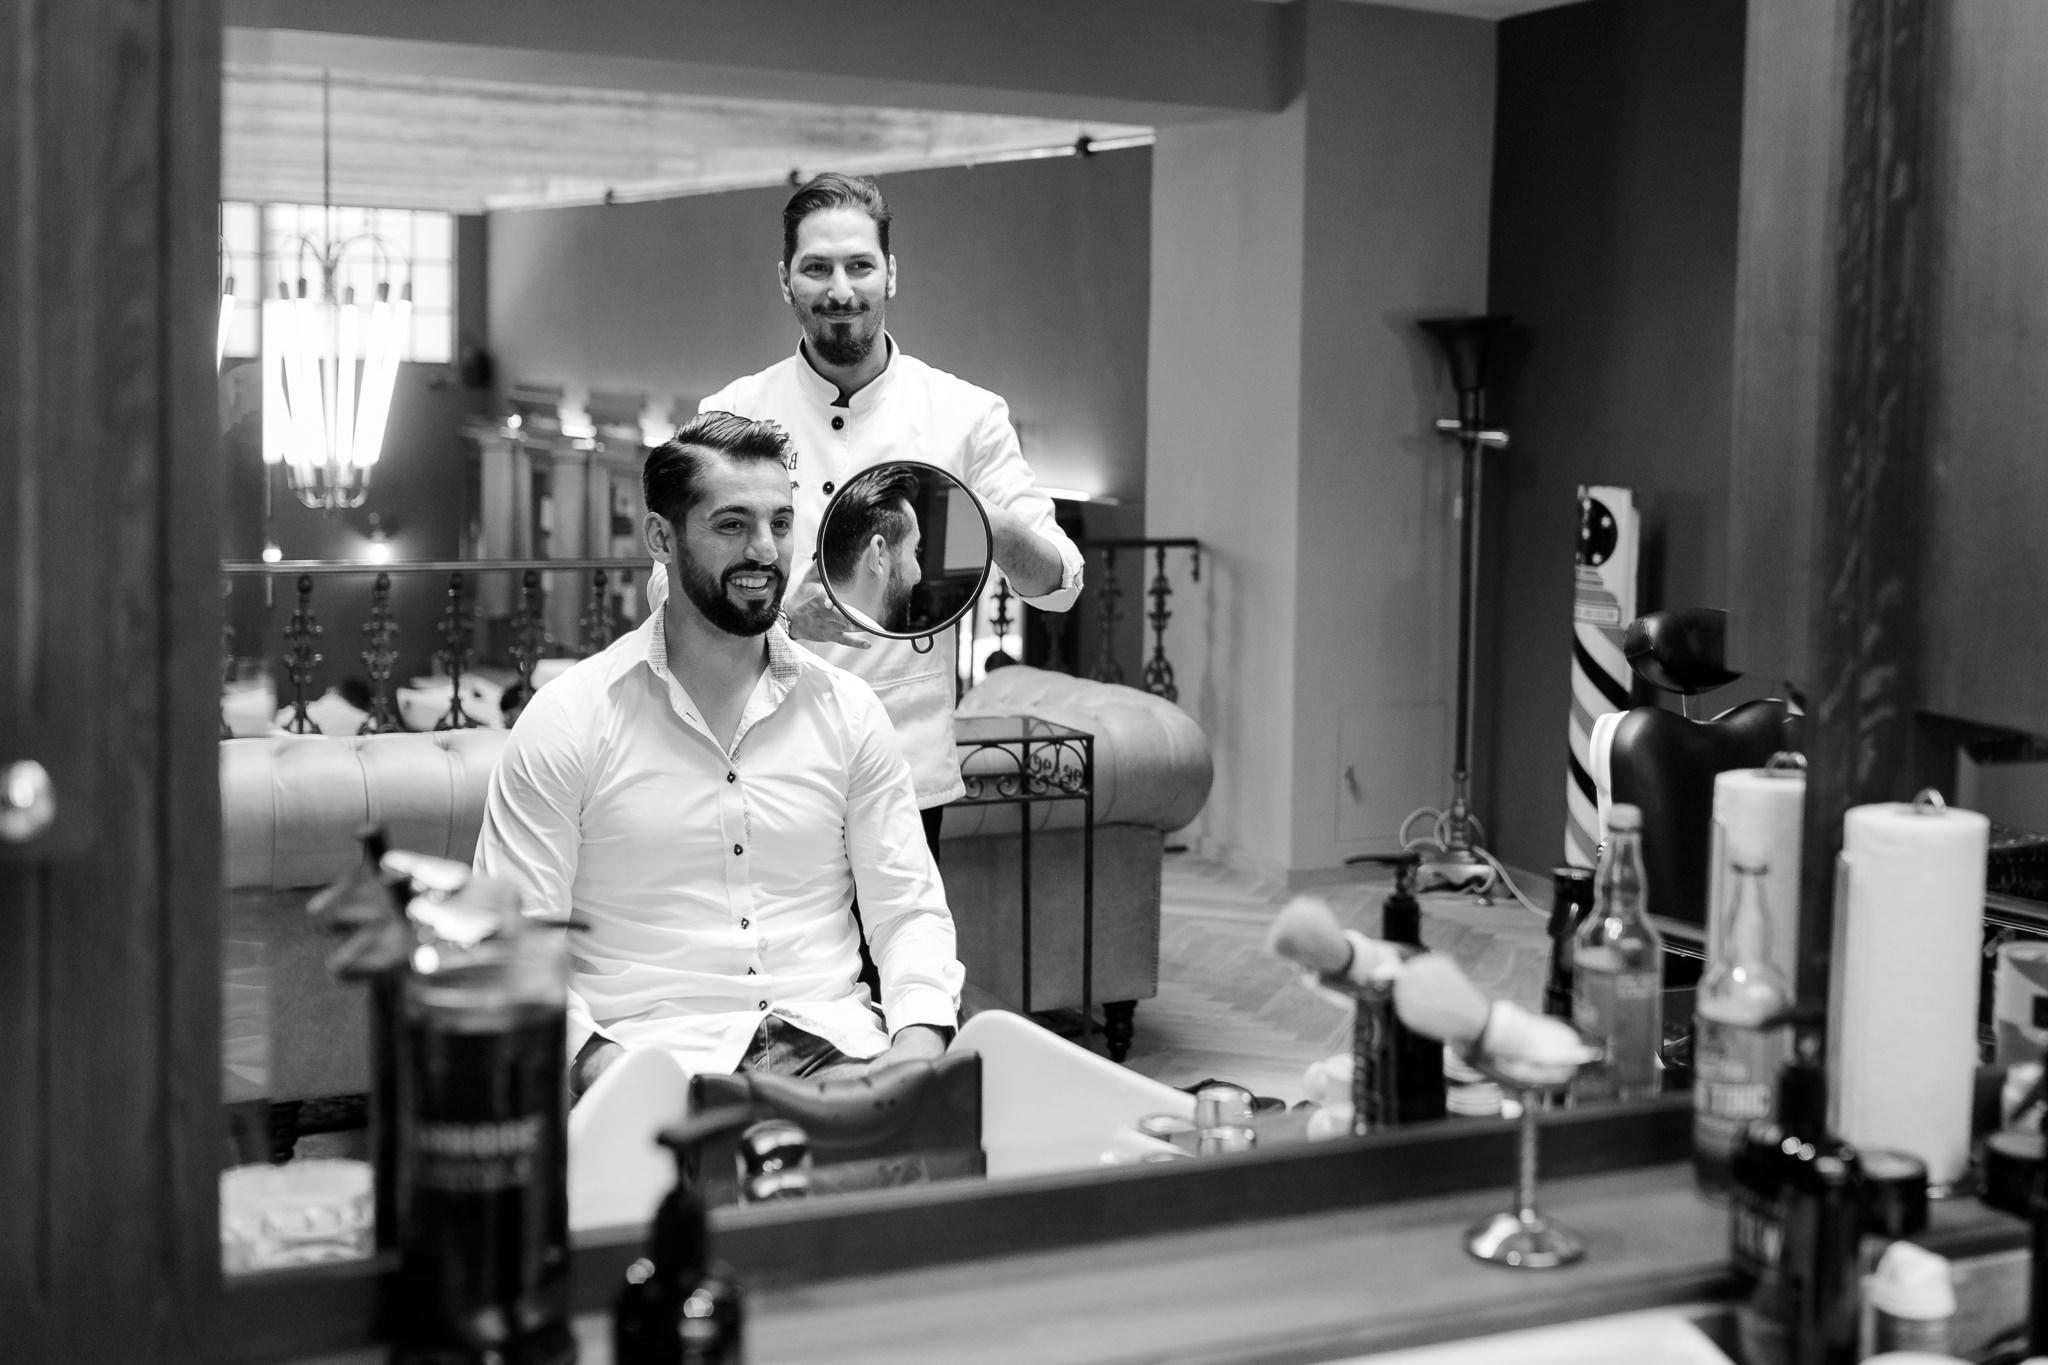 Getting Ready des Bräutigams - der Bräutigam bekommt die fertige Frisur gezeigt